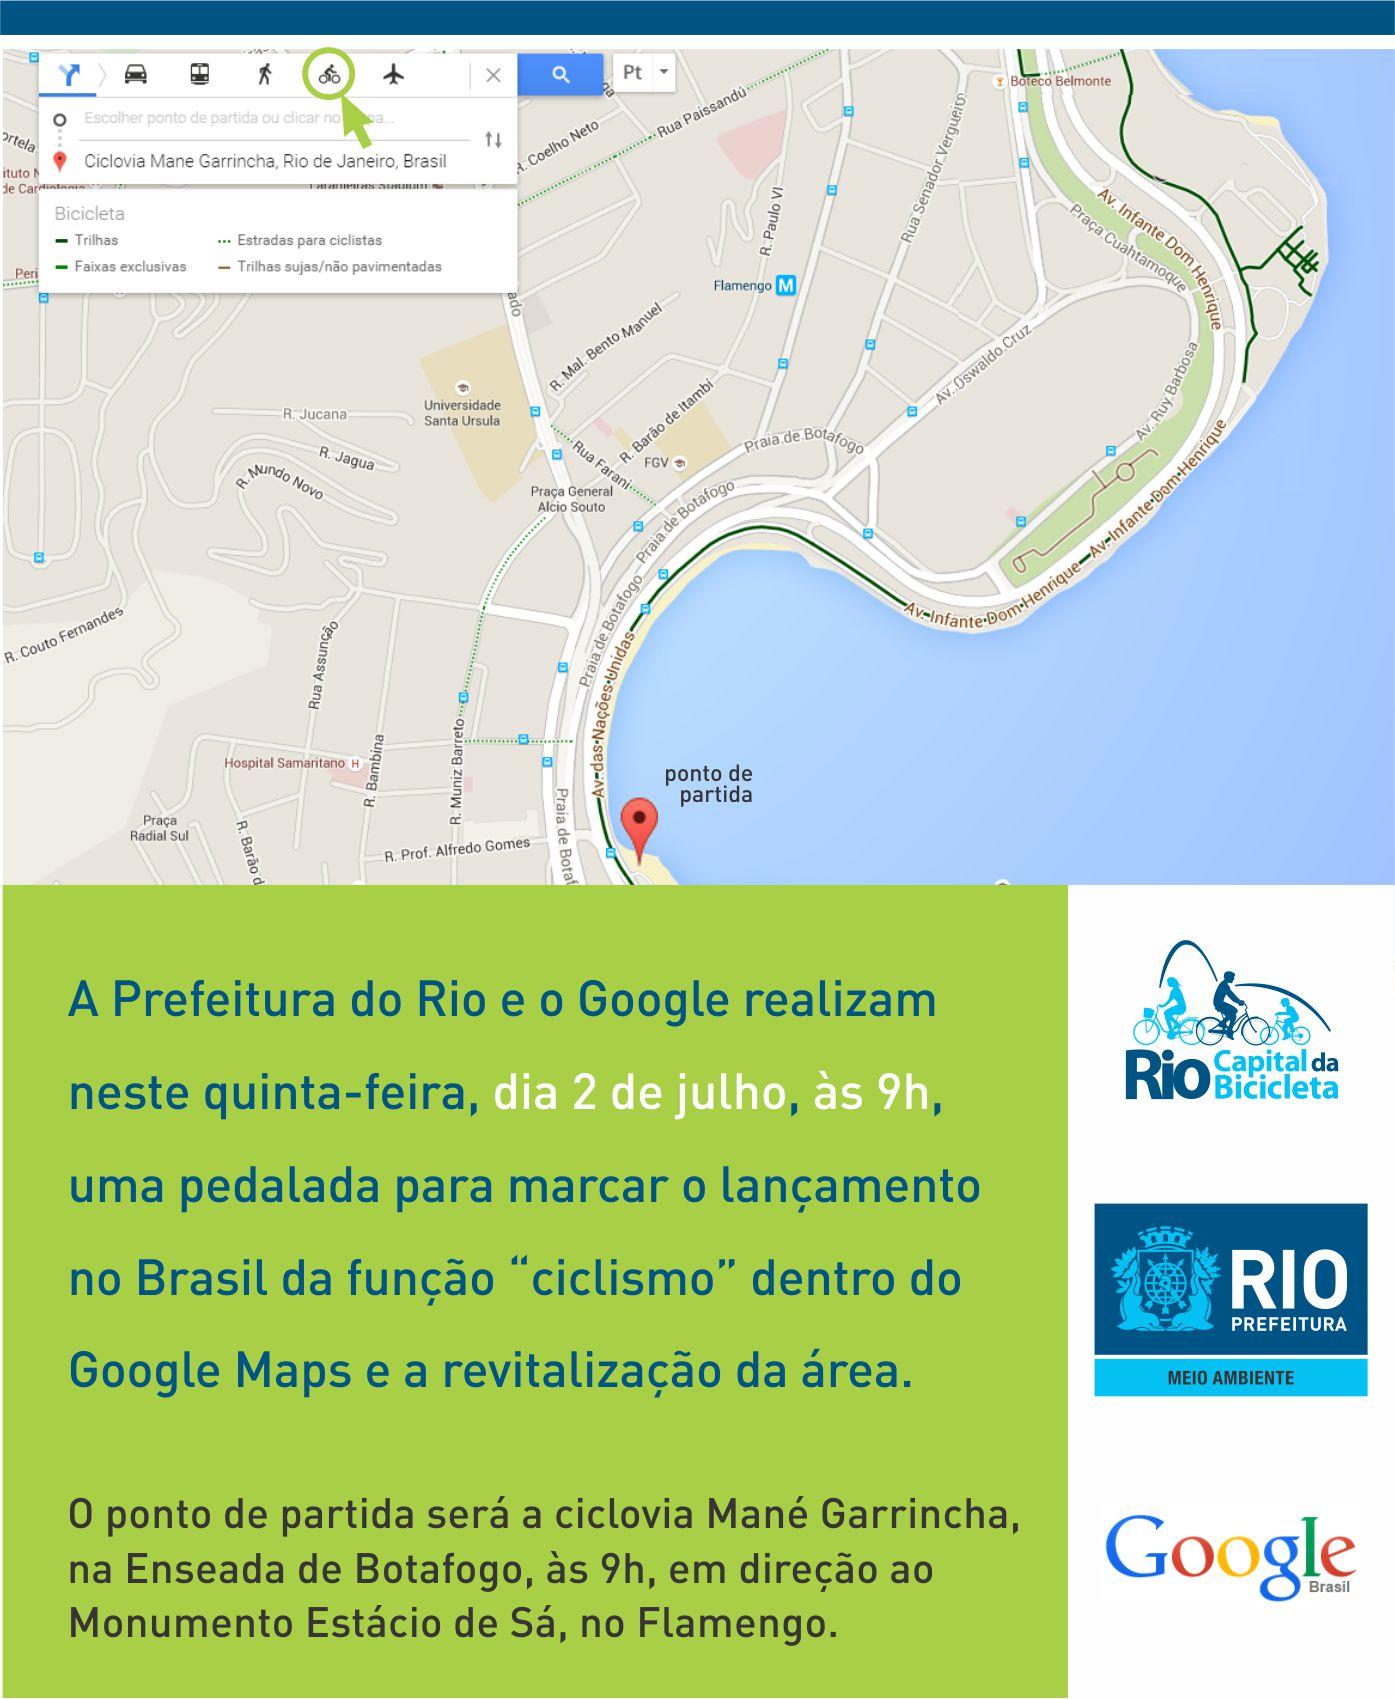 Prefeitura firma parceria com o Google Maps para mapear alternativas de rotas cicloviárias